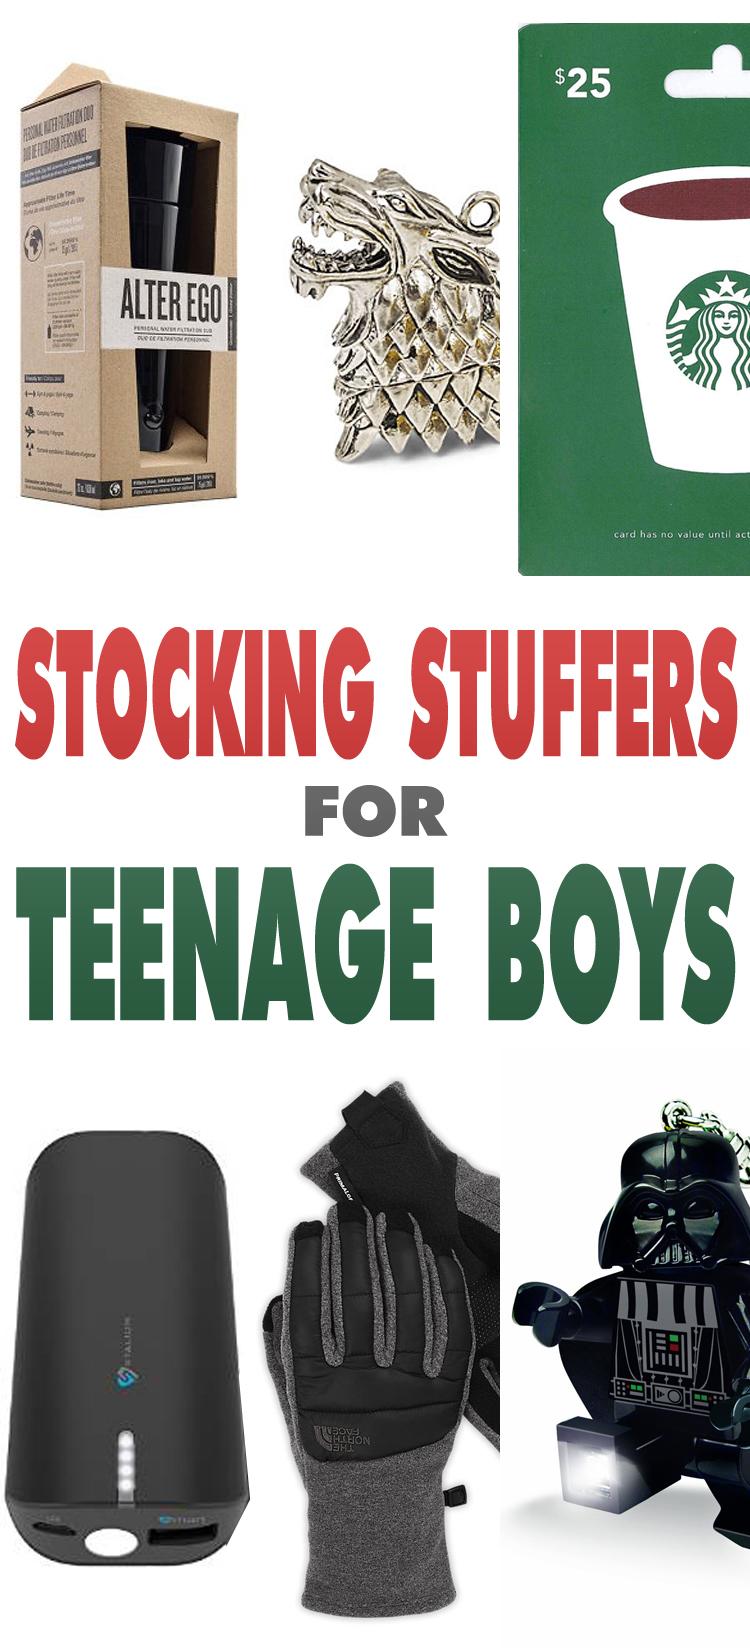 STOCKINGSTUFFERSFORteenageboys-TOWER-1